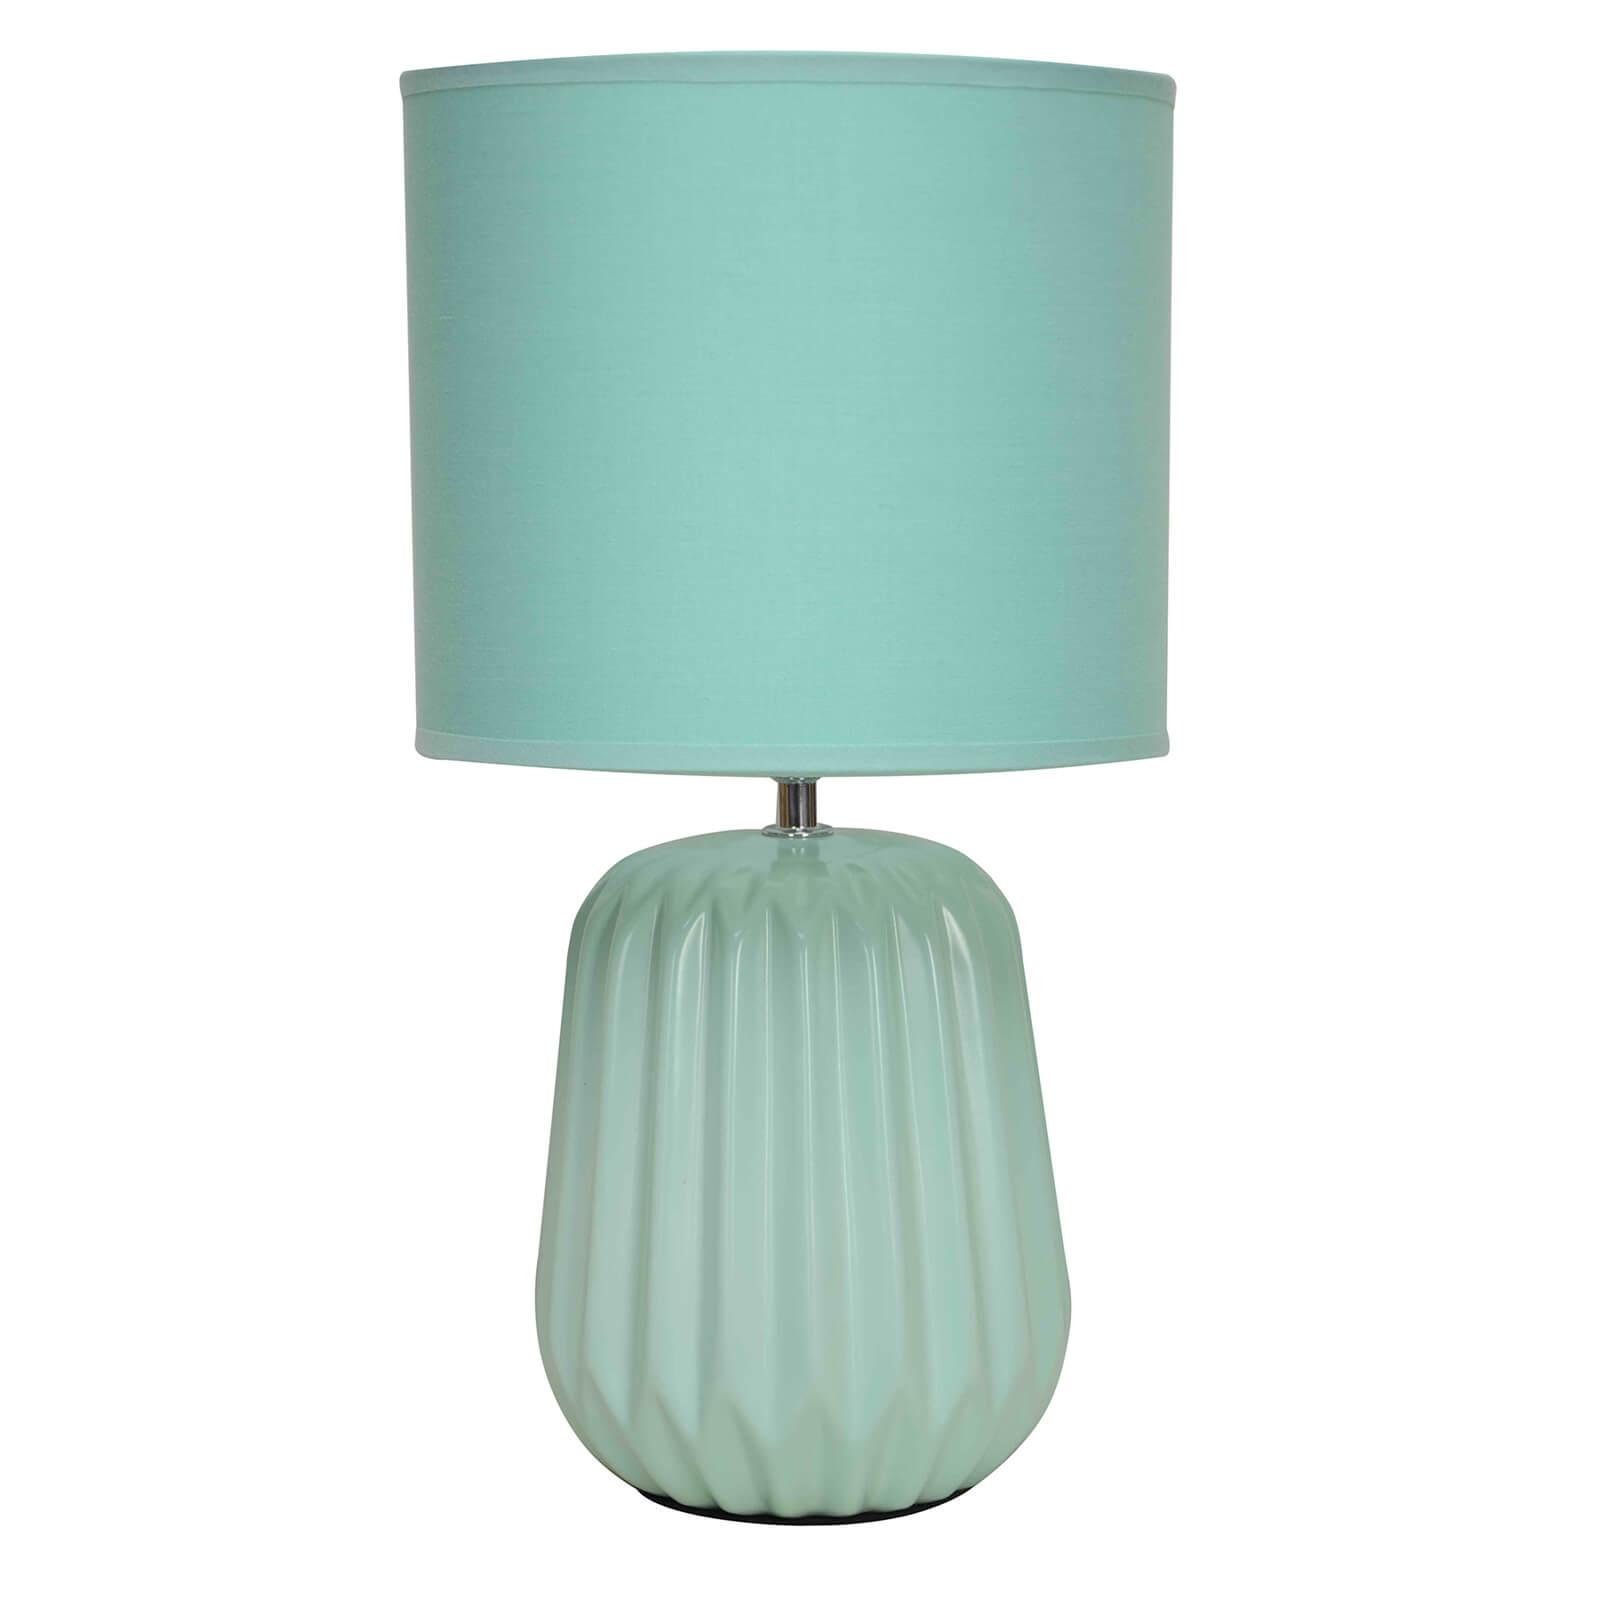 Winola Turquoise Ceramic Table Lamp